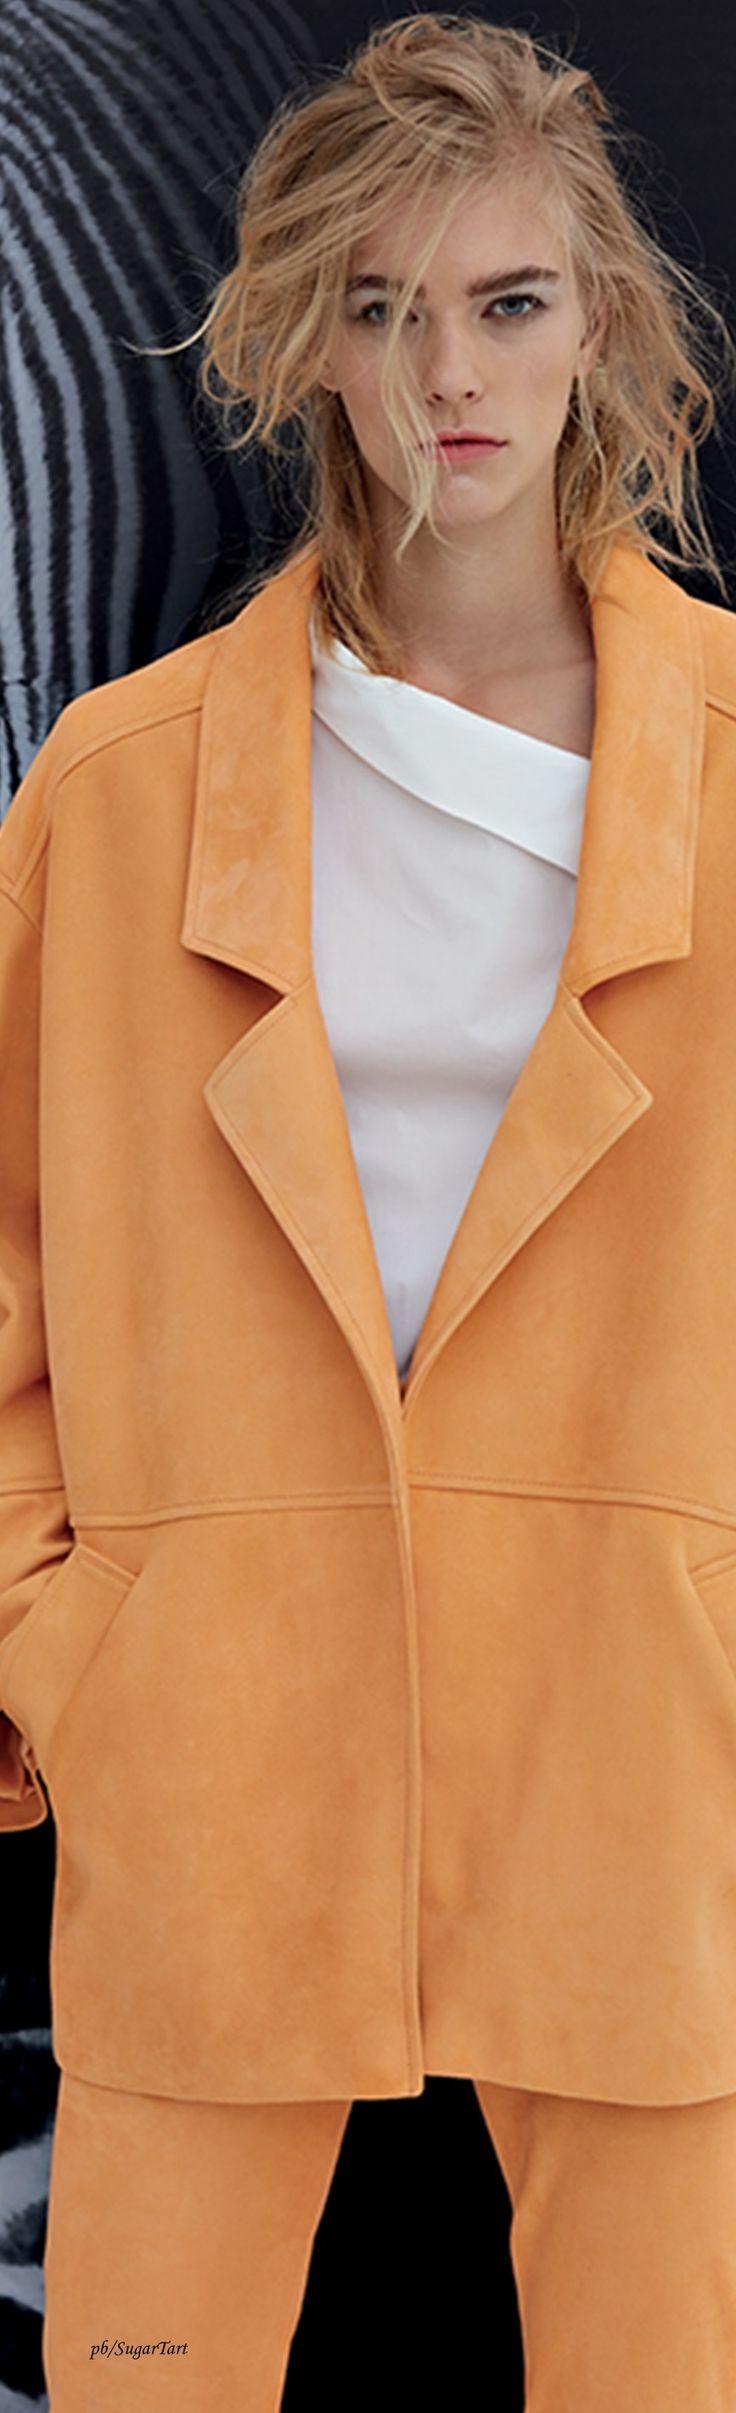 Rosamaria G Frangini | High Casual Fashion | Casual Wear | Genny - Resort 2018